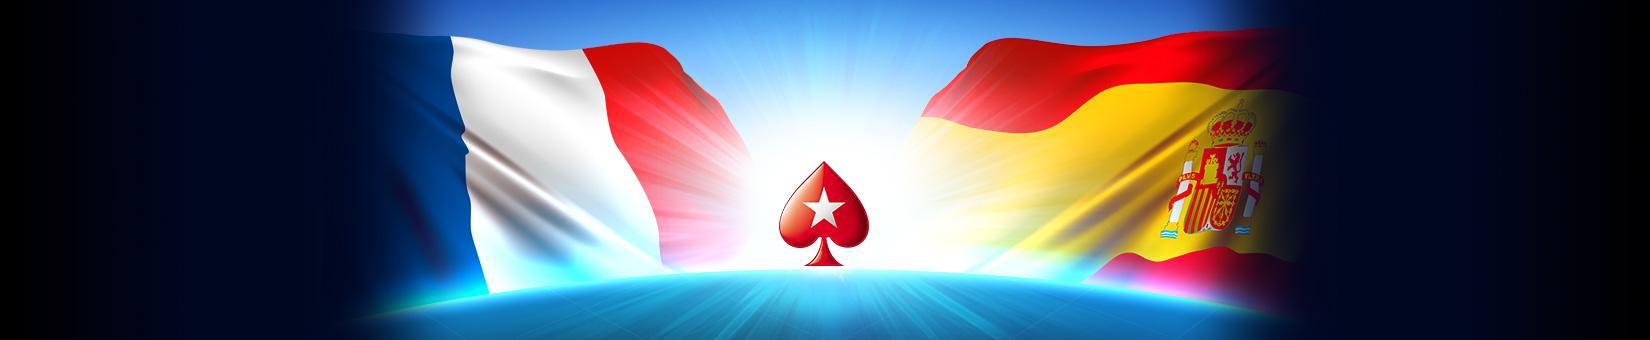 Nuevos juegos 629 Spins casinos online Brasil-995